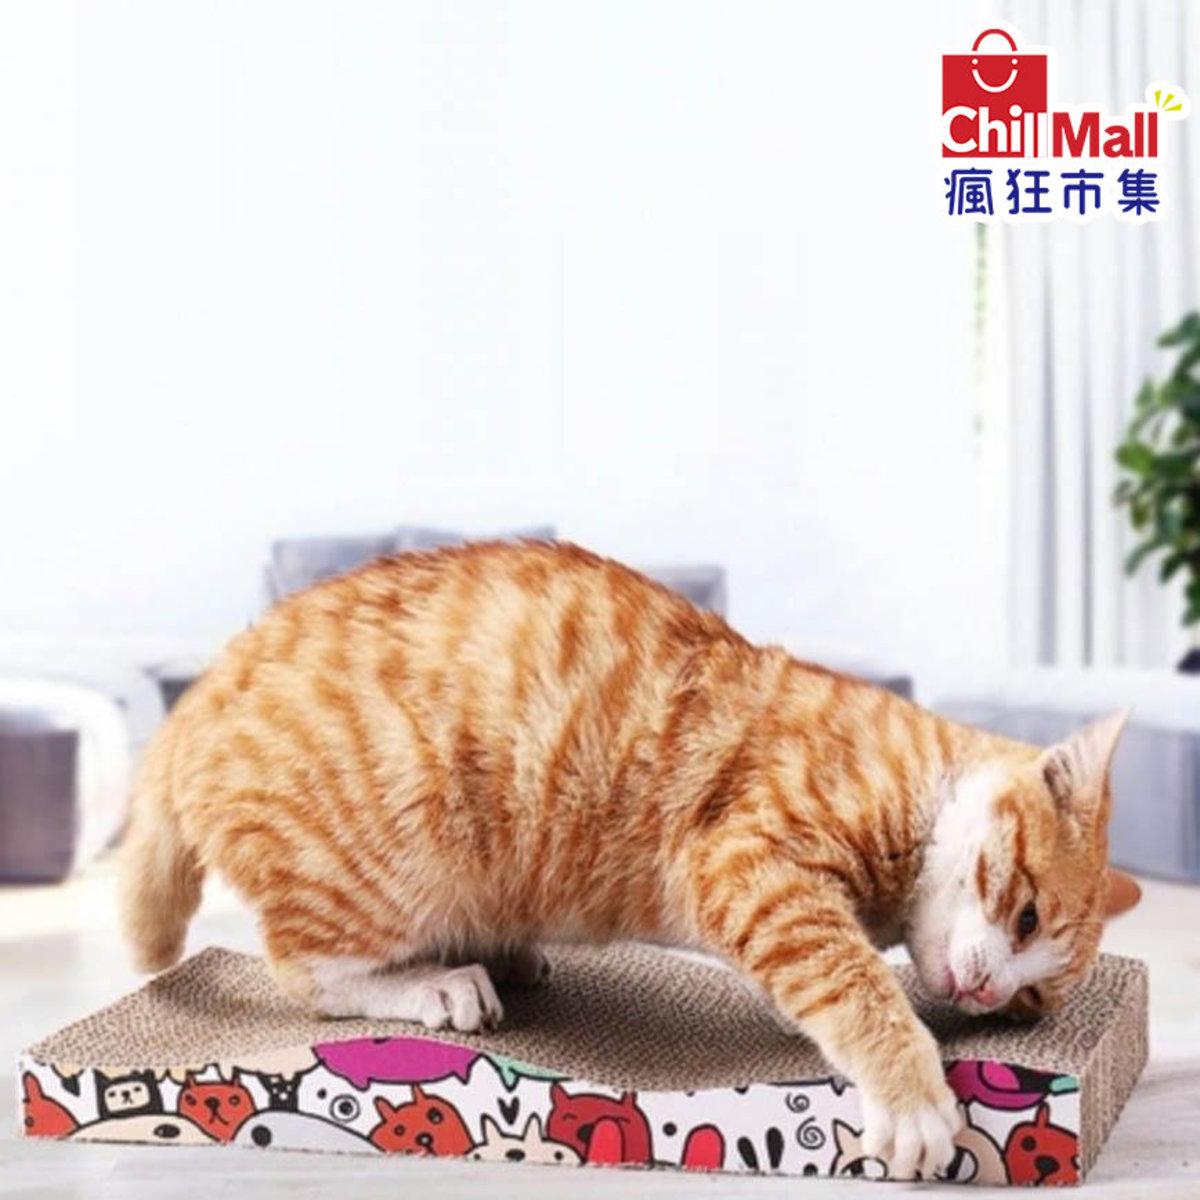 瓦楞紙貓抓板 The Cats Favorite七彩波浪平板